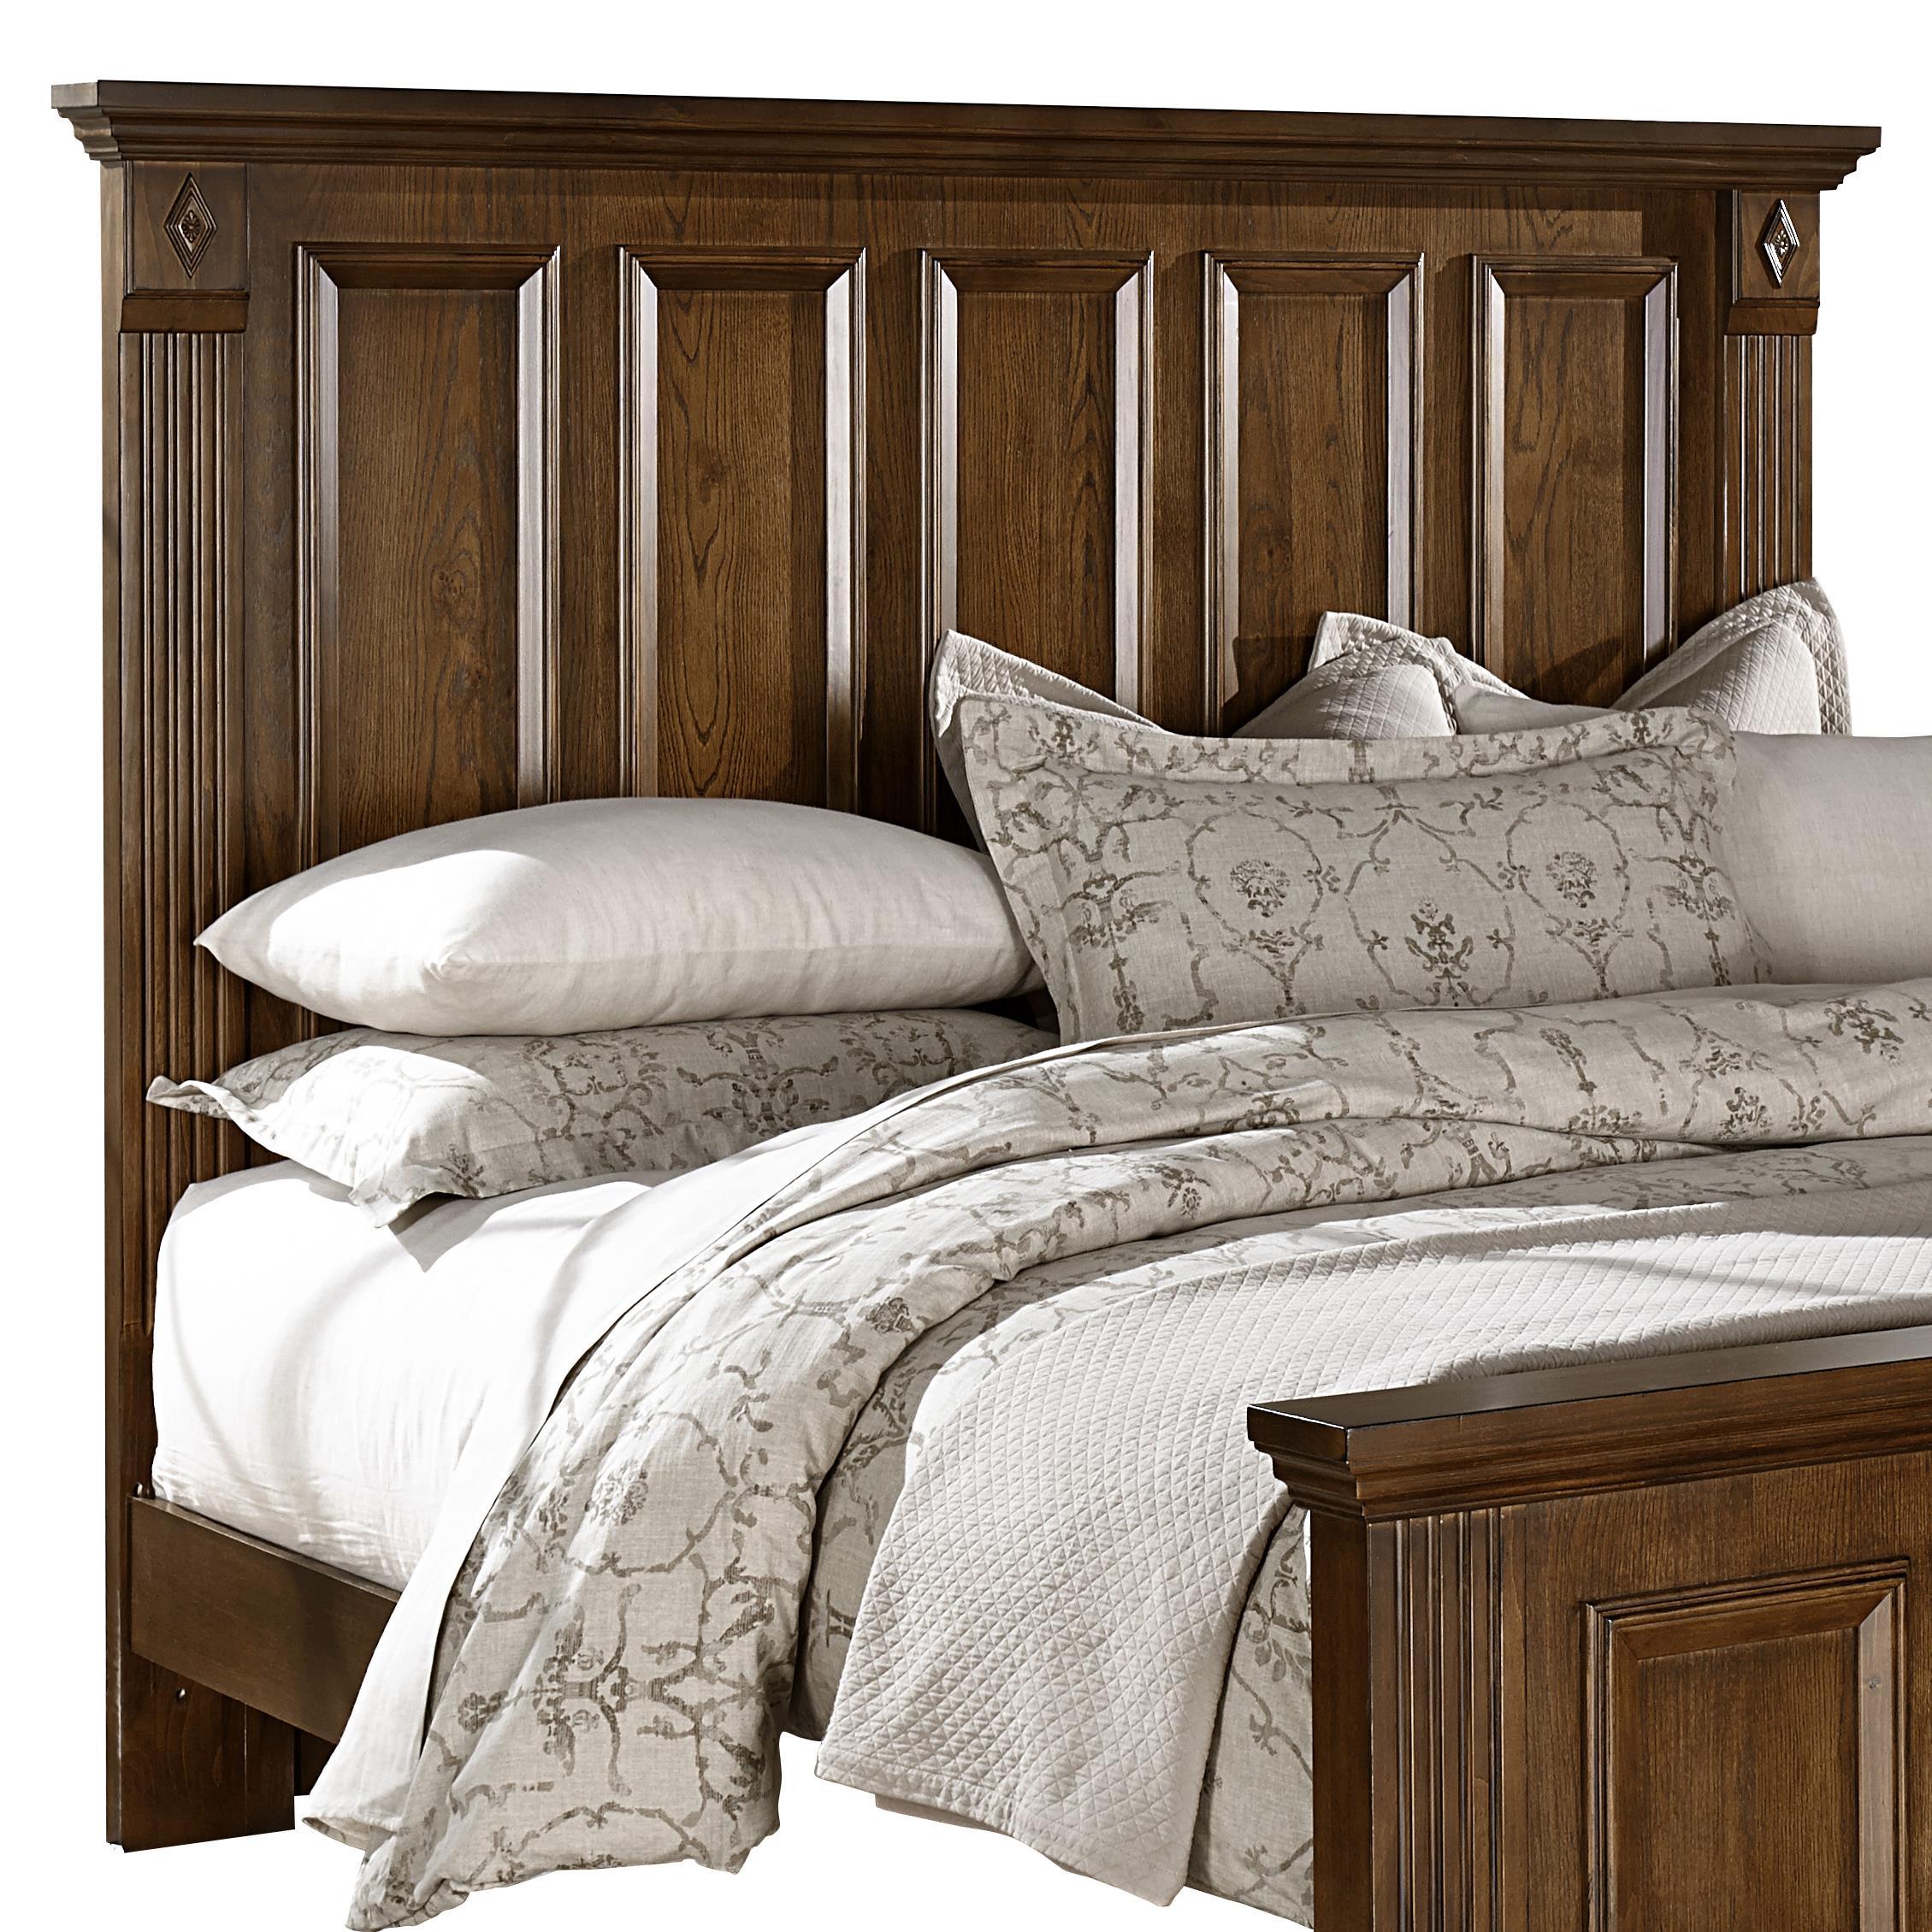 Woodlands Queen Mansion Headboard by Vaughan Bassett at Lapeer Furniture & Mattress Center